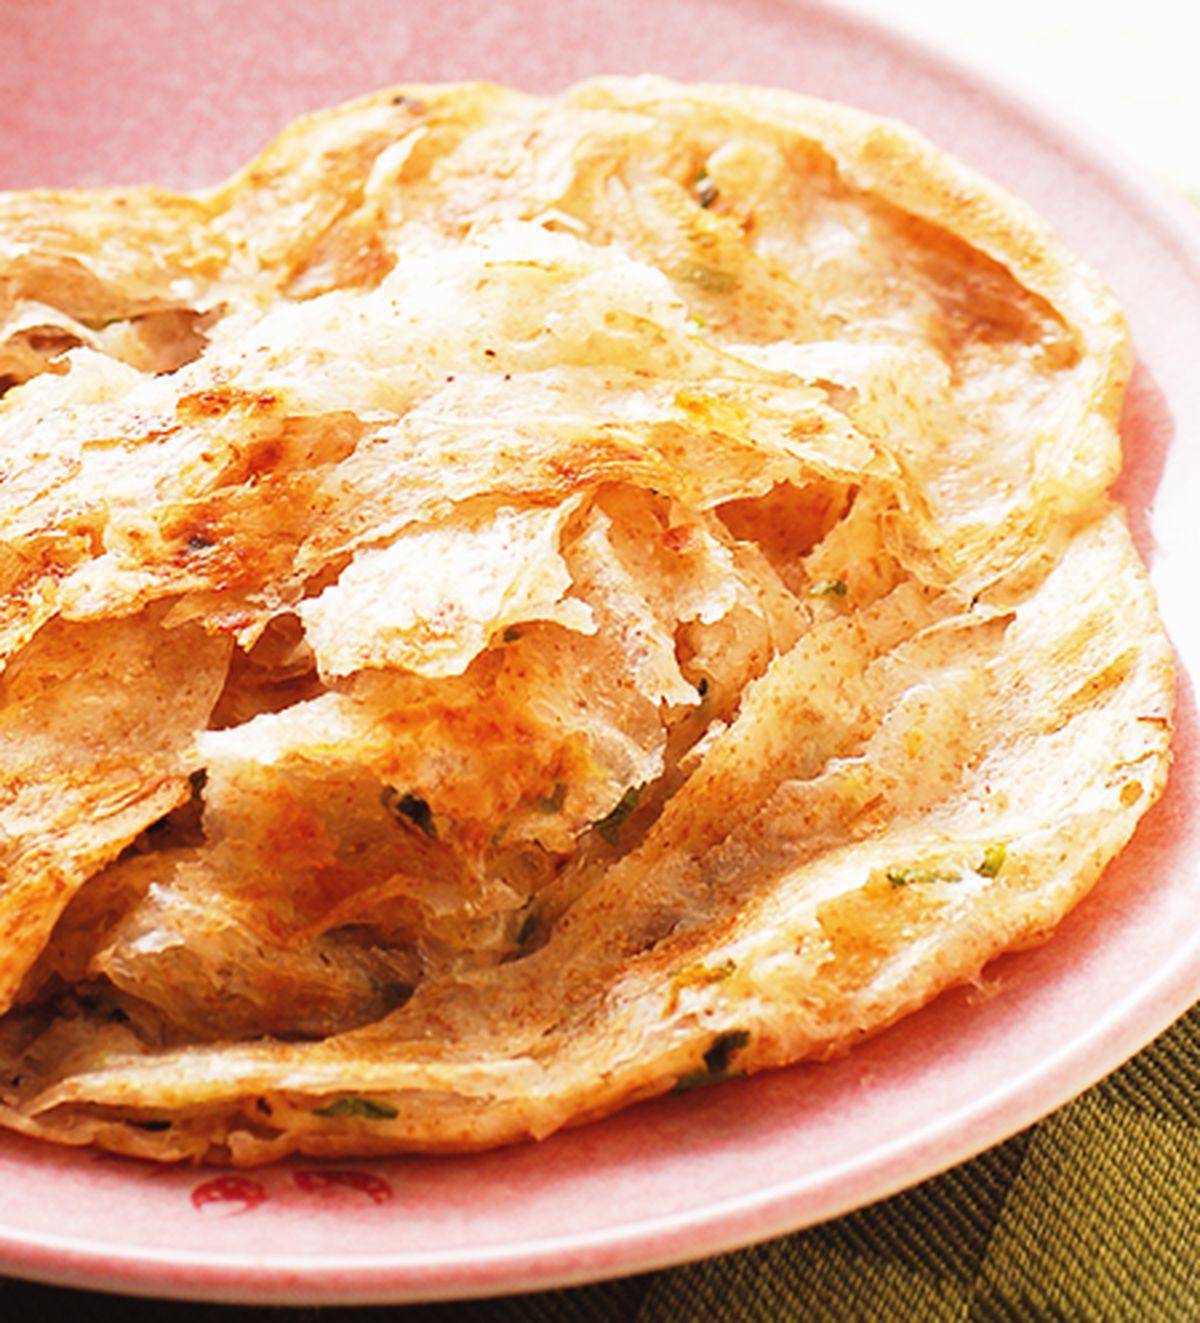 食譜:全麥蔥抓餅